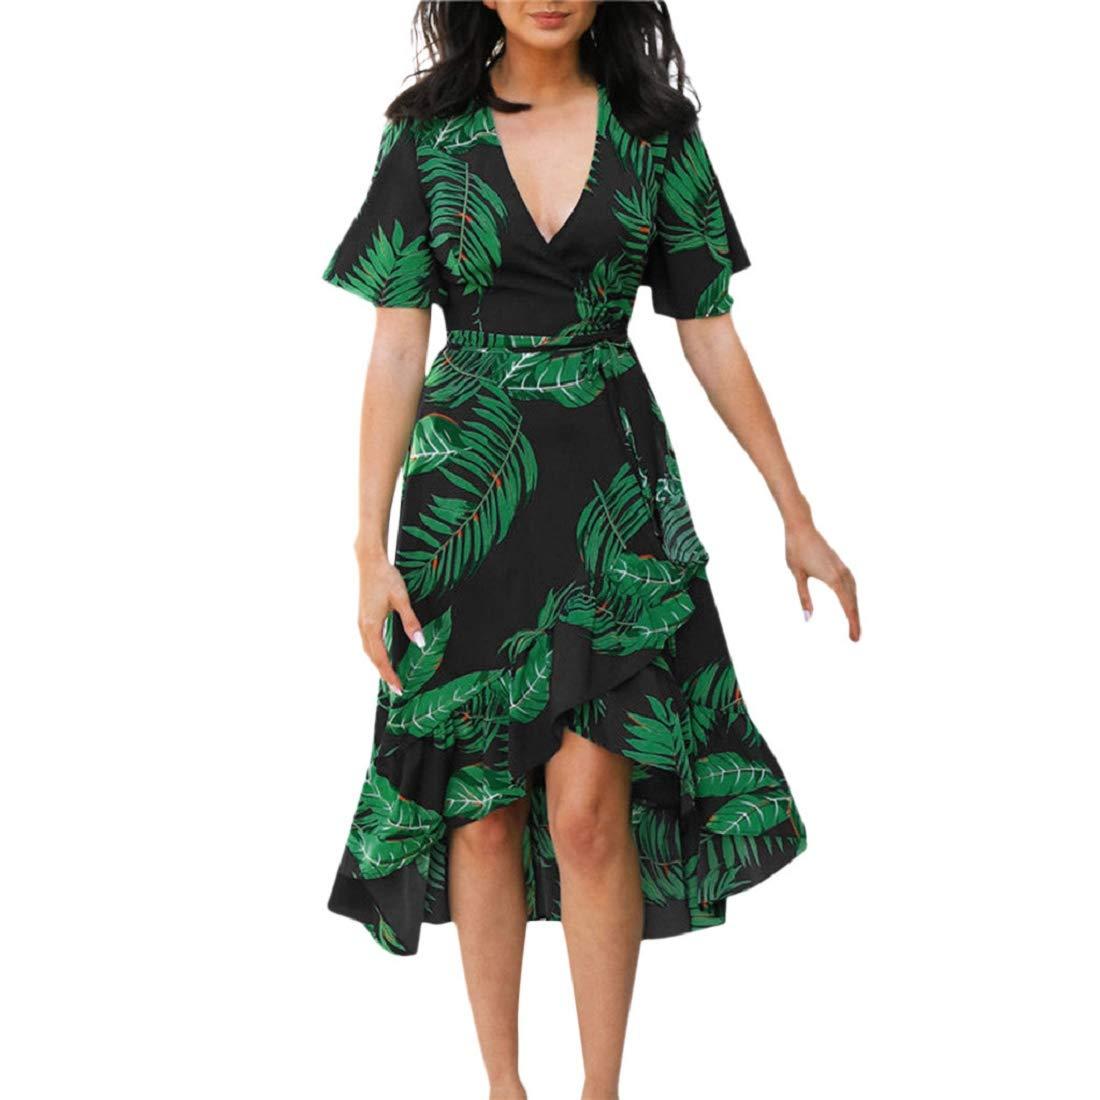 Soupliebe Sommerkleid Damen Kleid Boho Langes Kleid Blätter Druckt V-Ausschnitt Kurzarm Kleid mit Gürtel Abendkleider